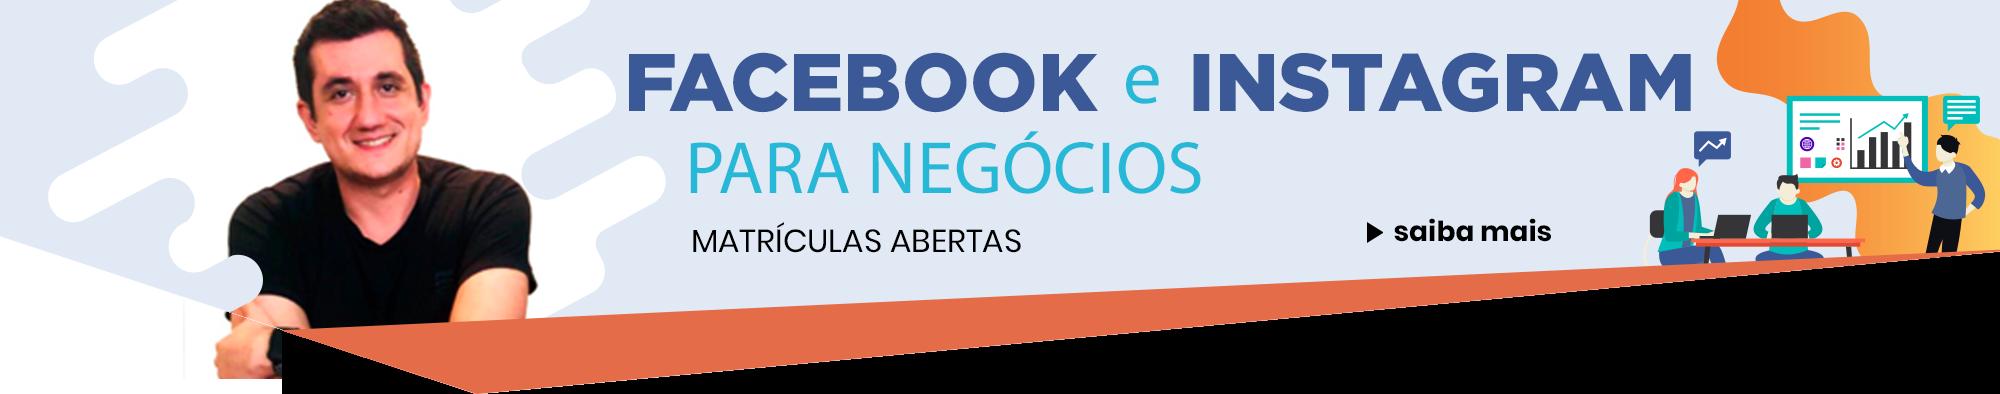 Home - Facebook e Instagram para Negócio